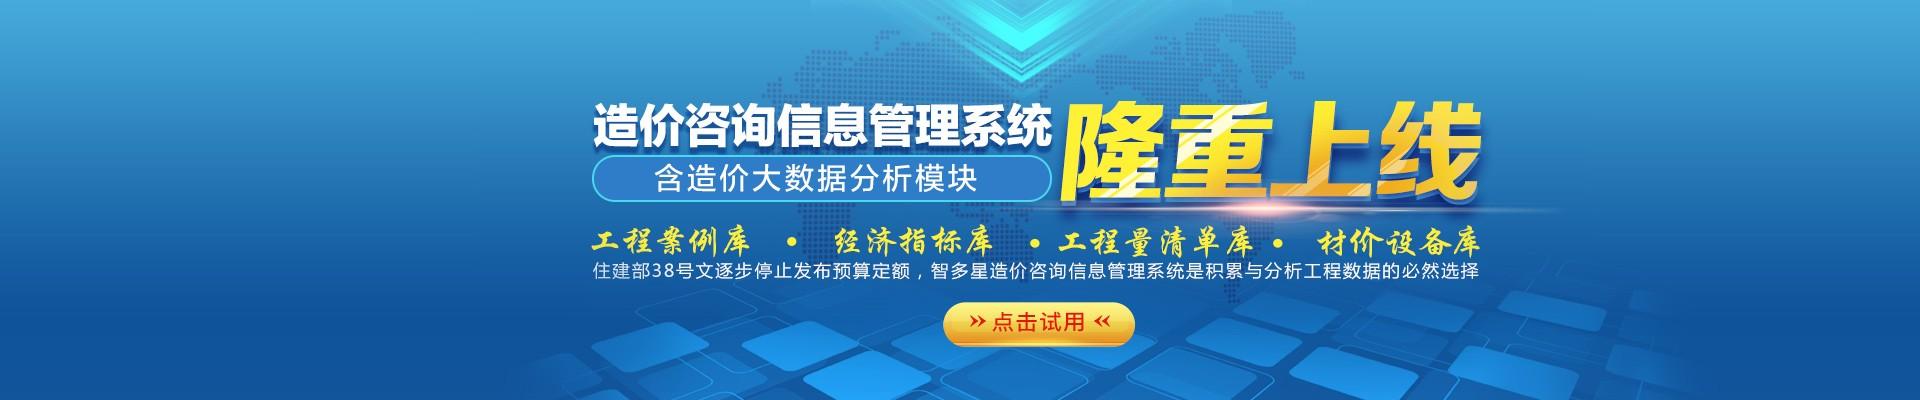 河北快3分析预测工程造价咨询信息管理系统全新上线